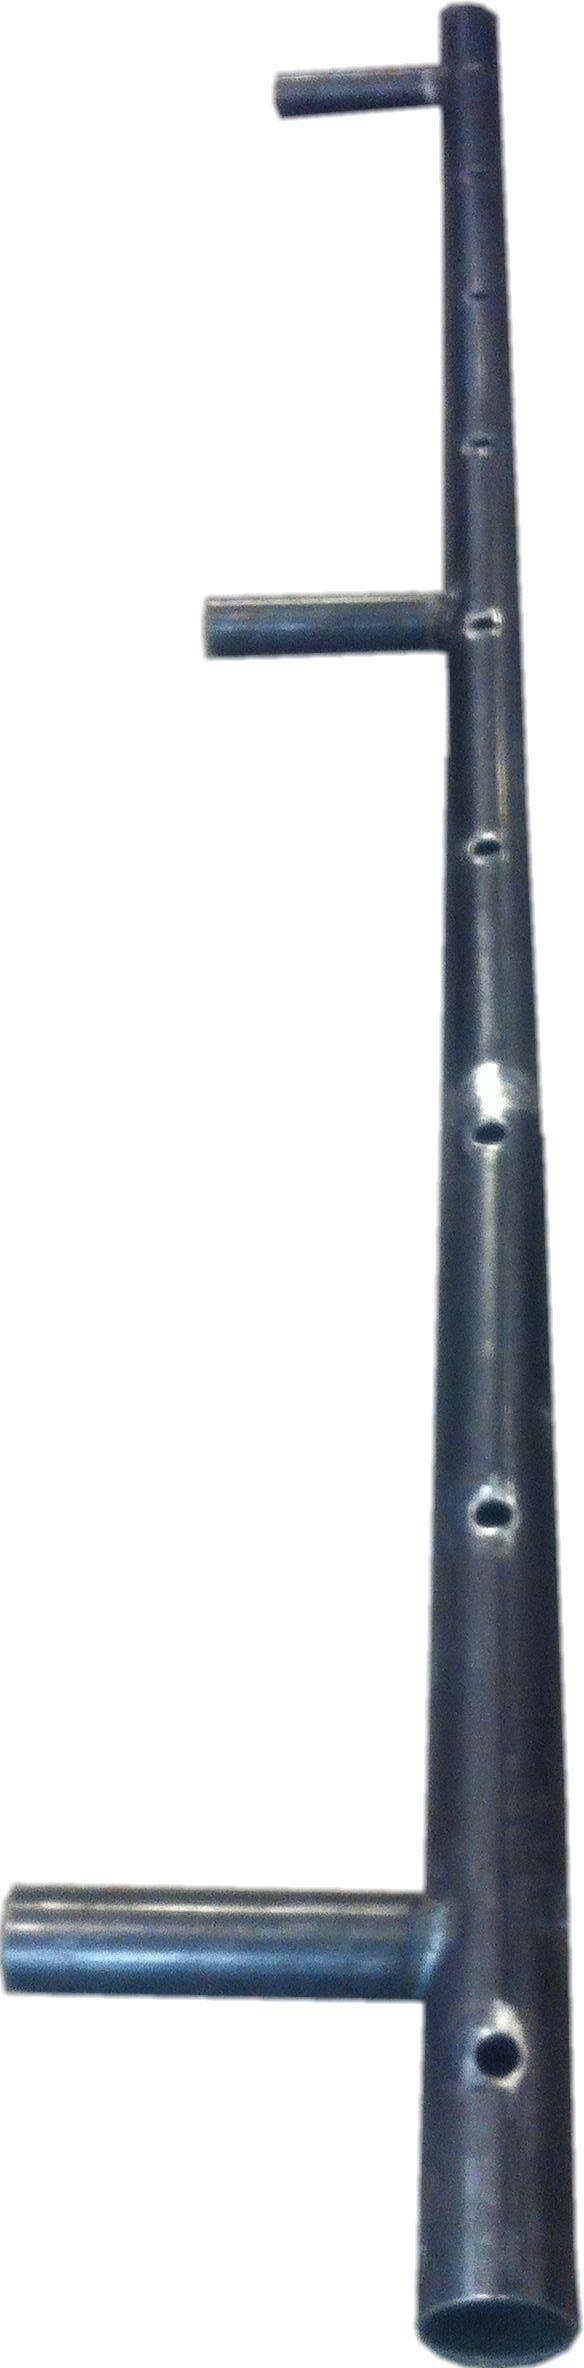 3 Zoll Einschichtrohr mit 3 x 2 Zoll Abgängen zum Einbau in Hygienespeicher oder Pufferspeicher Killus-Technik.de